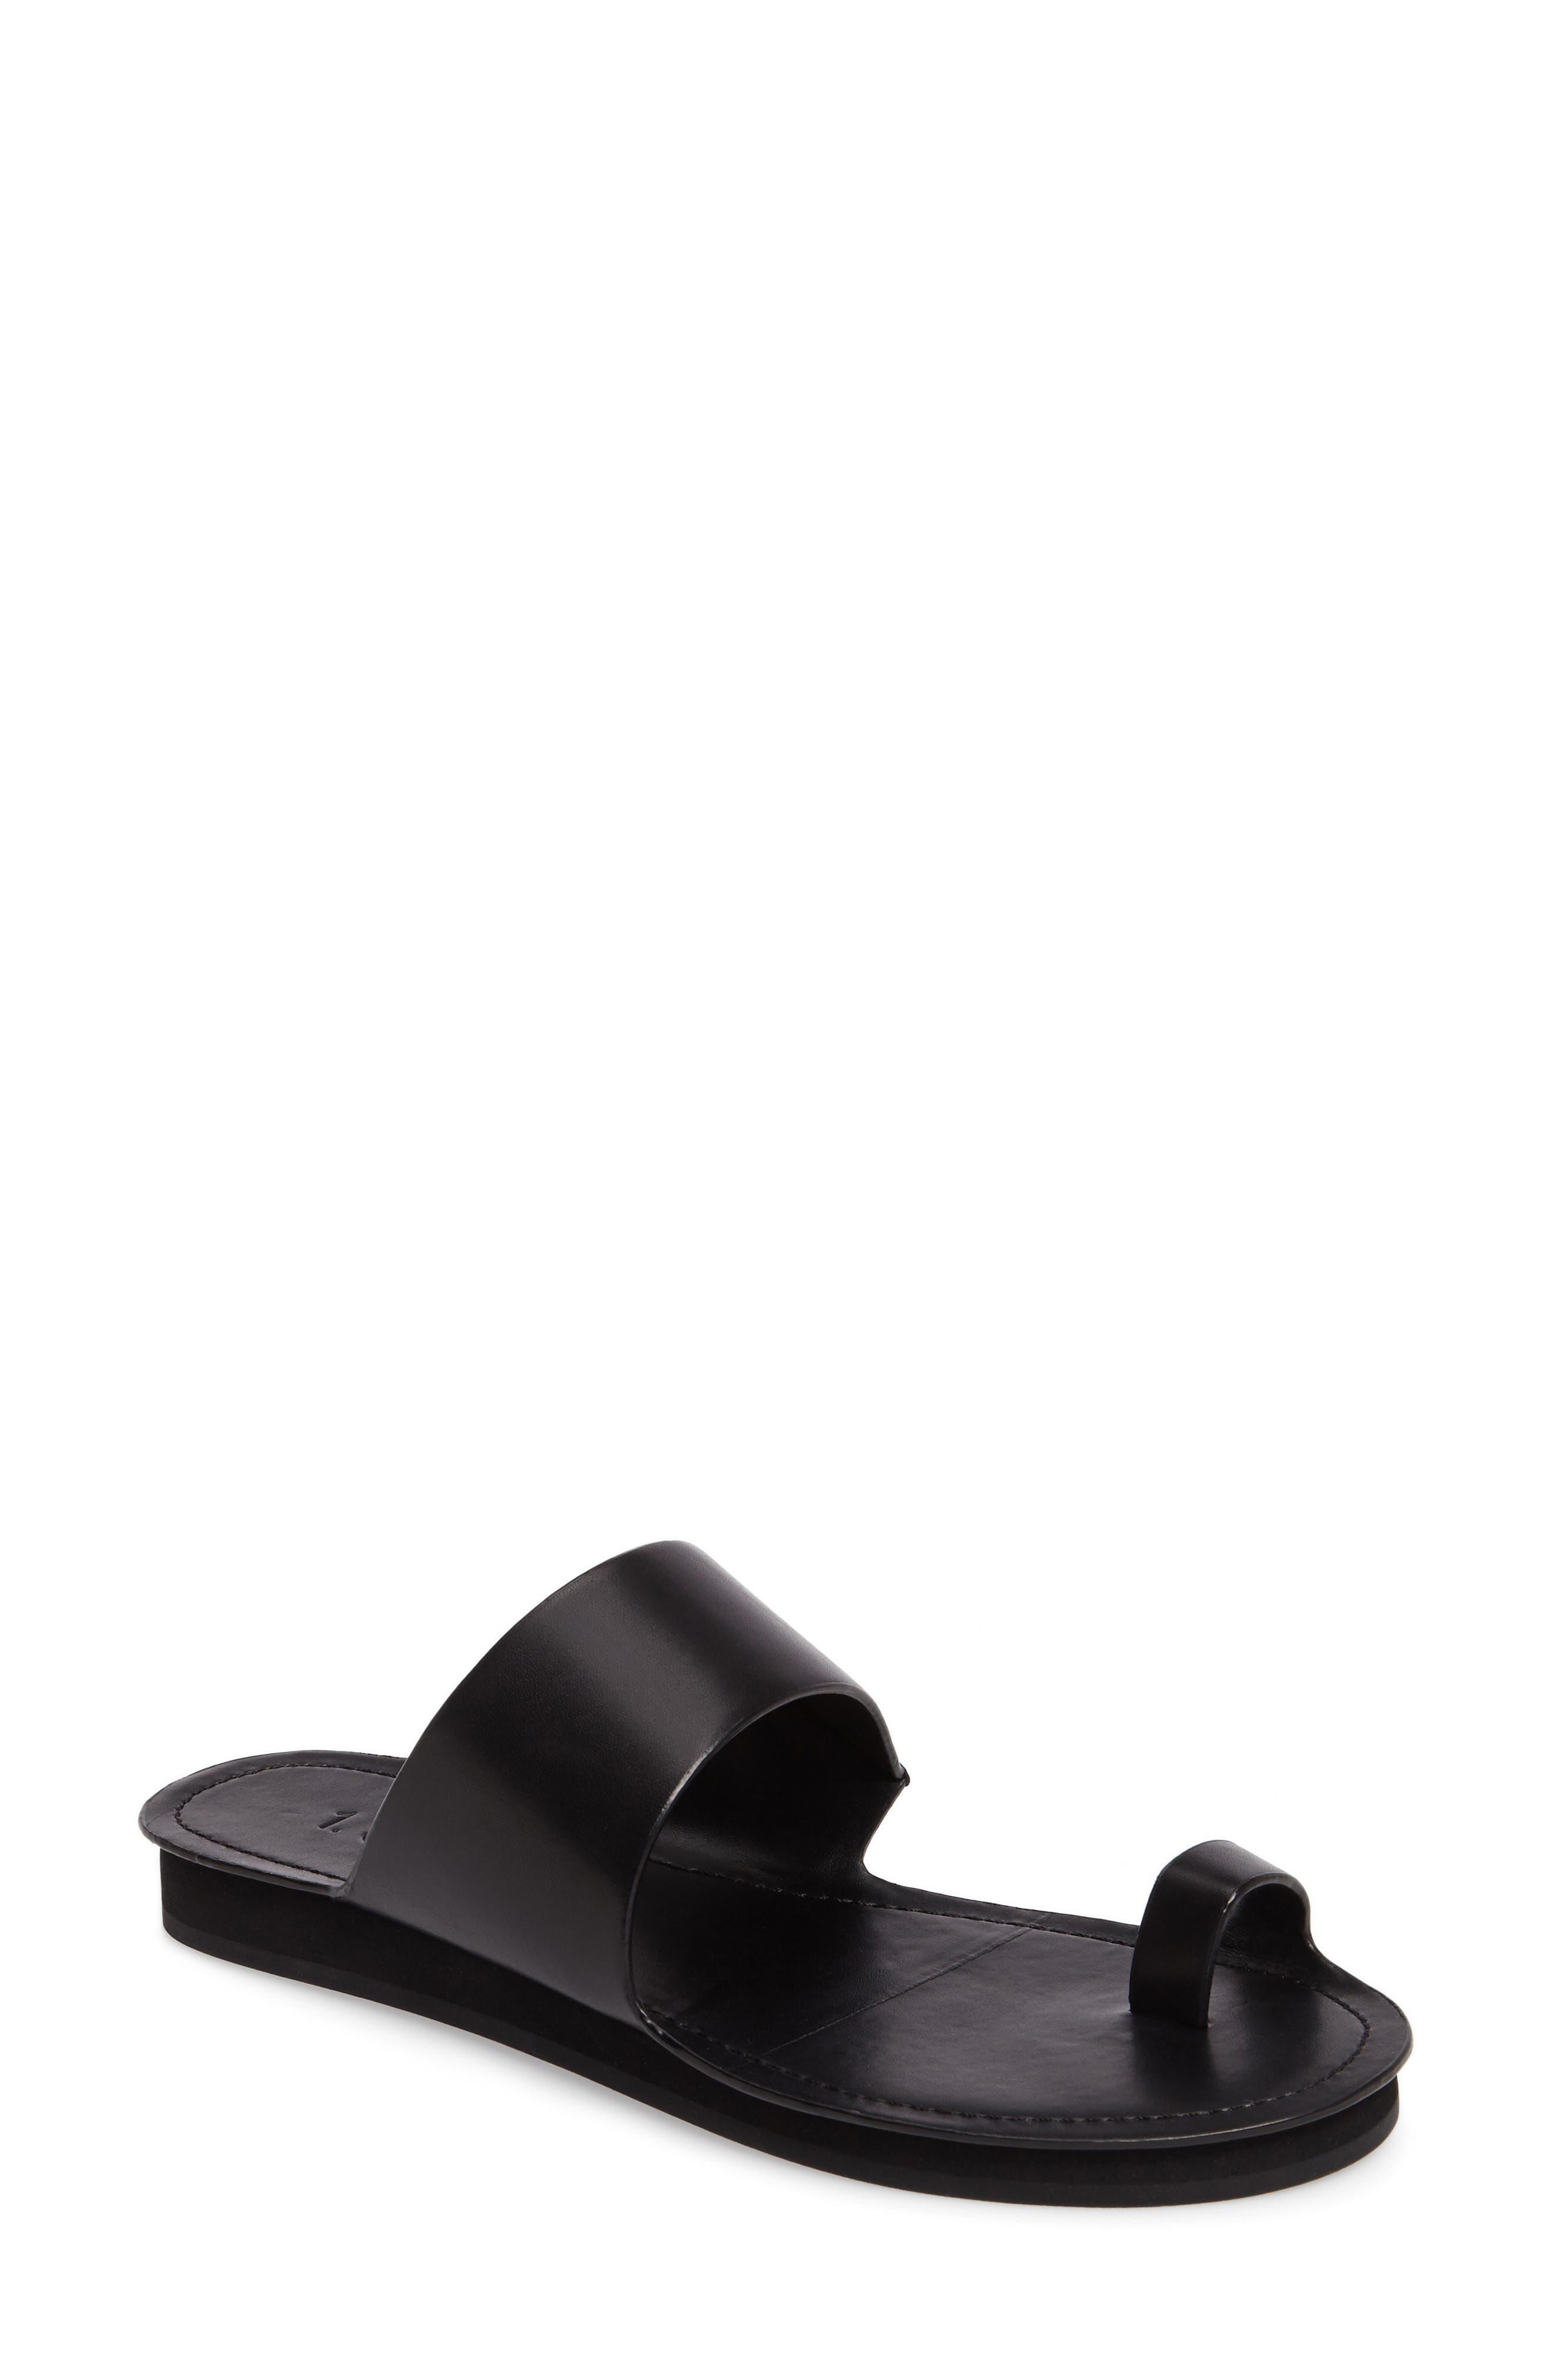 Dilan Toe Loop Sandal,                         Main,                         color,